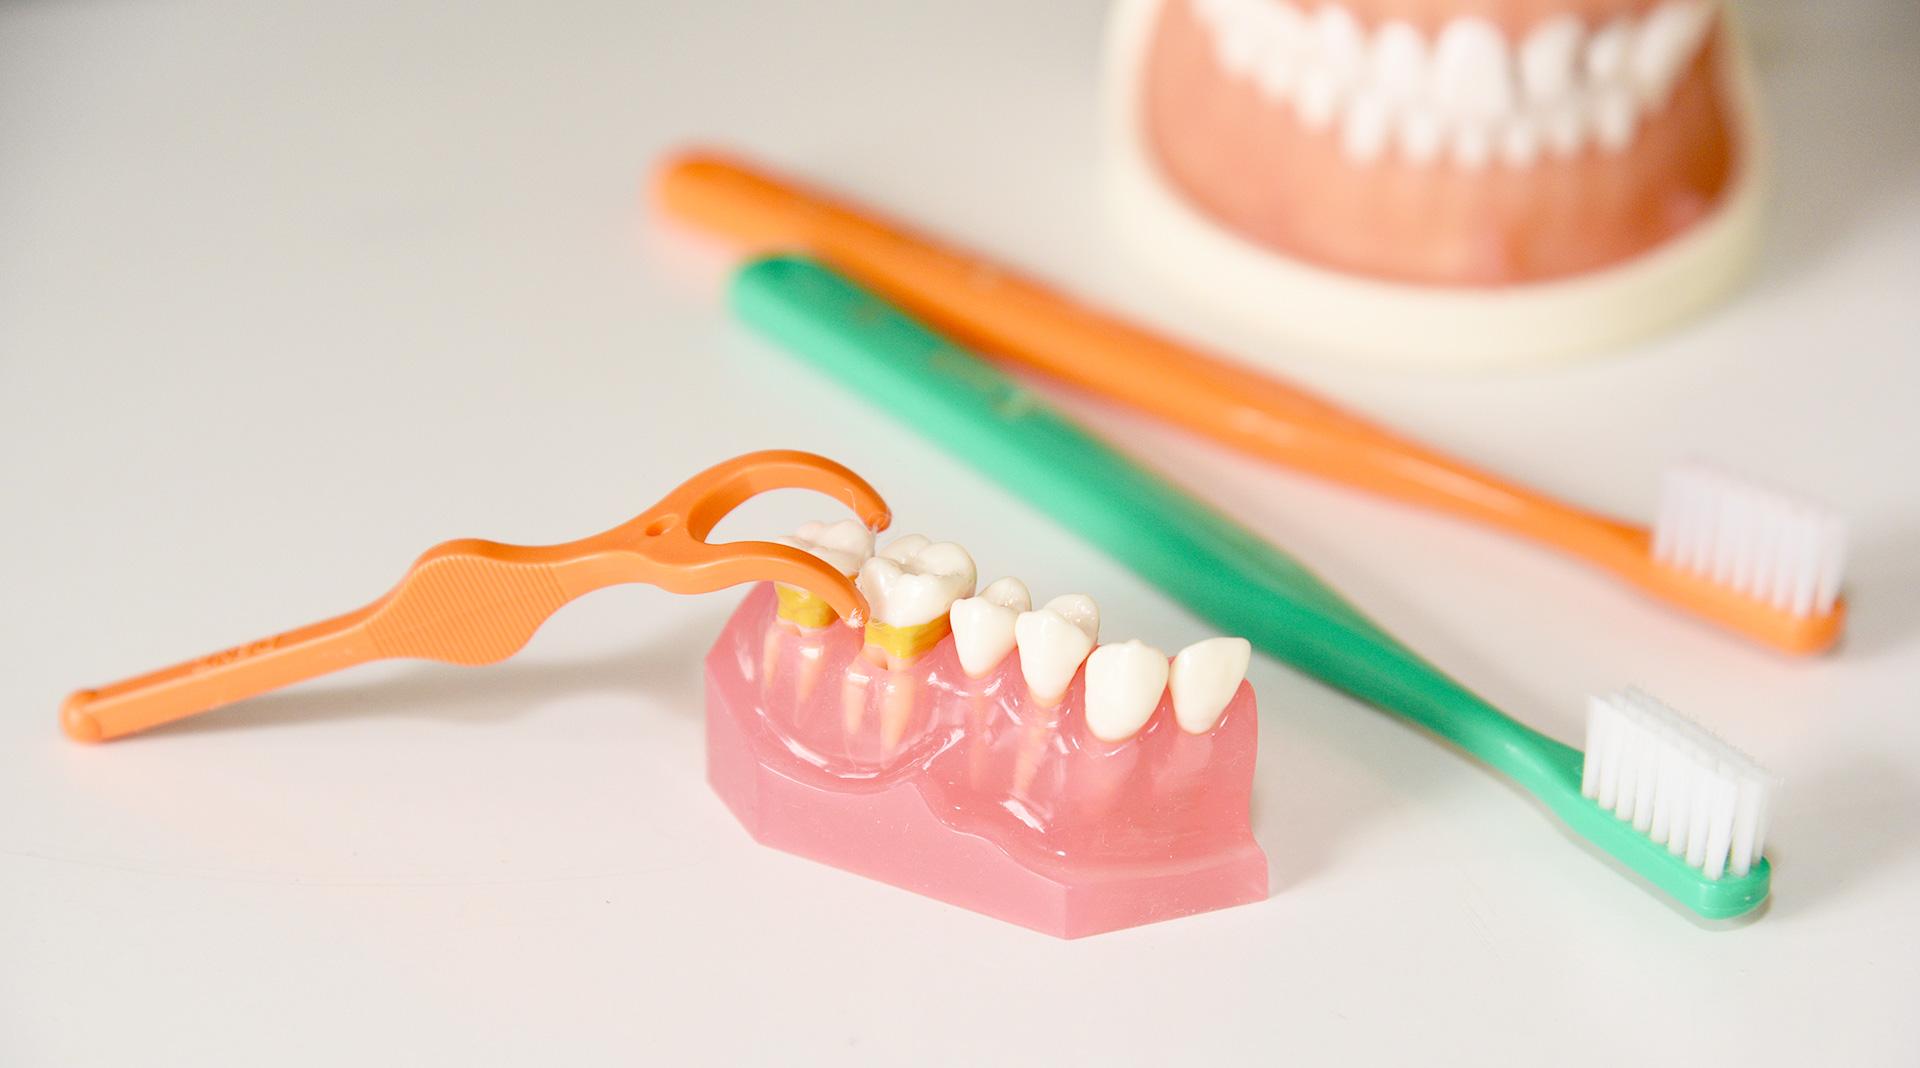 予防するための歯磨き講習